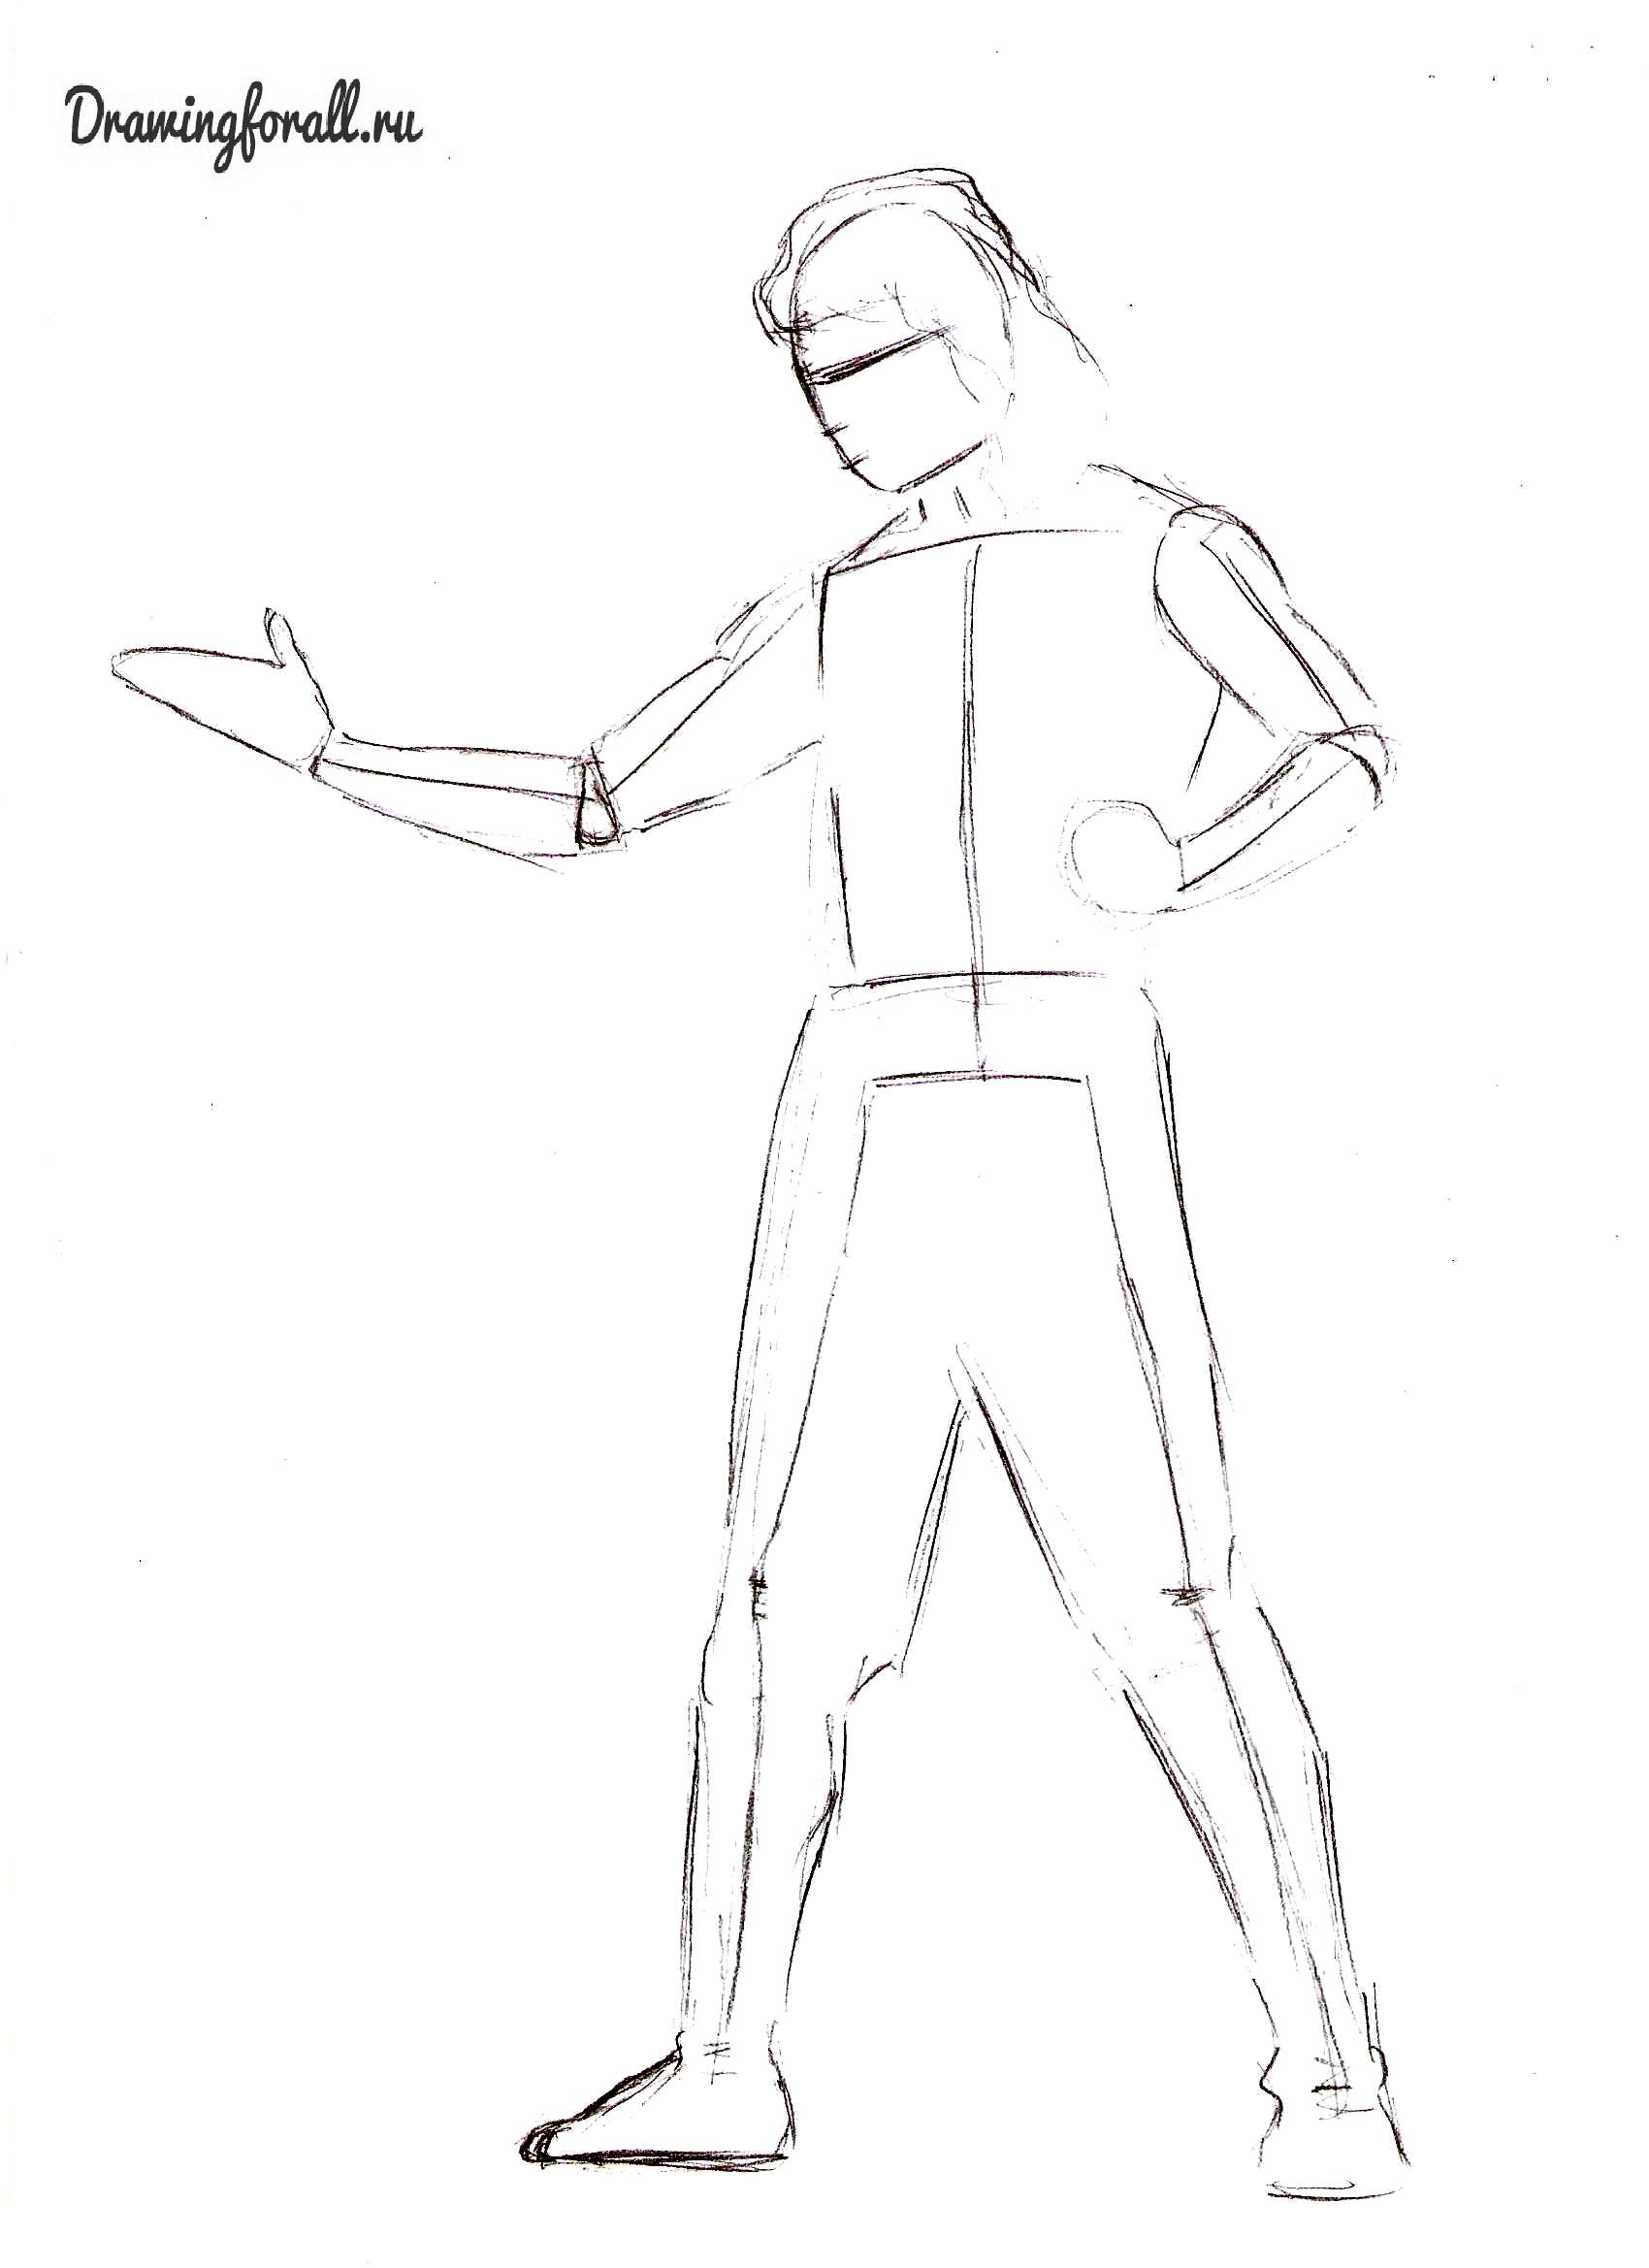 Как нарисовать Лю-Канга карандашом